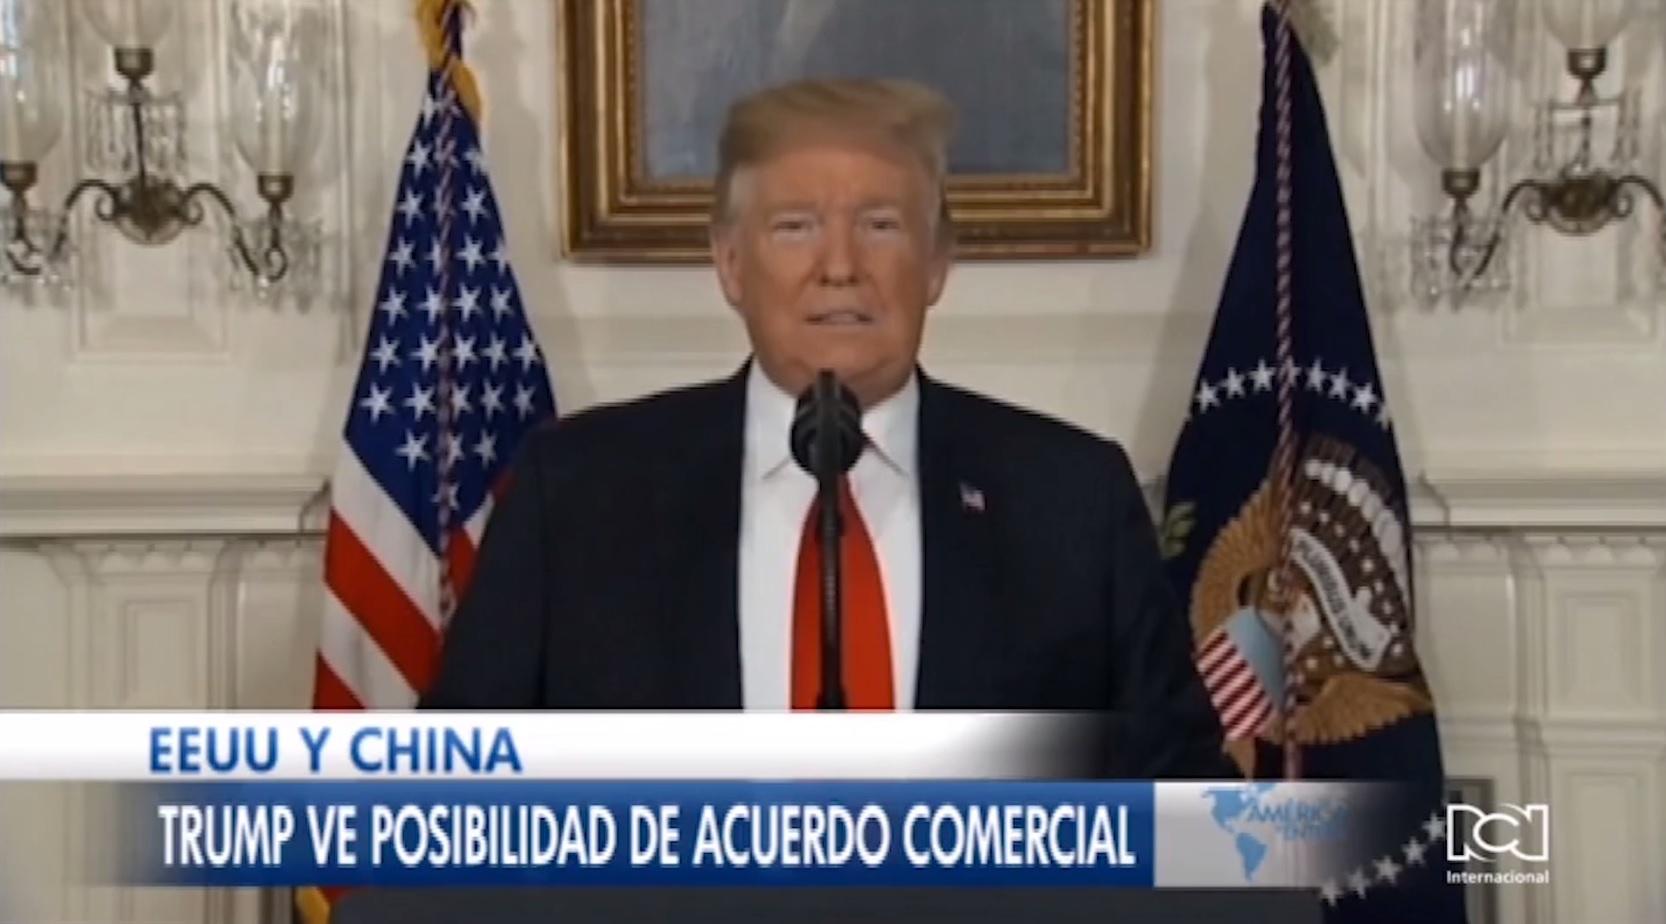 trump-confiado-en-lograr-acuerdo-comercial-con-china.jpg